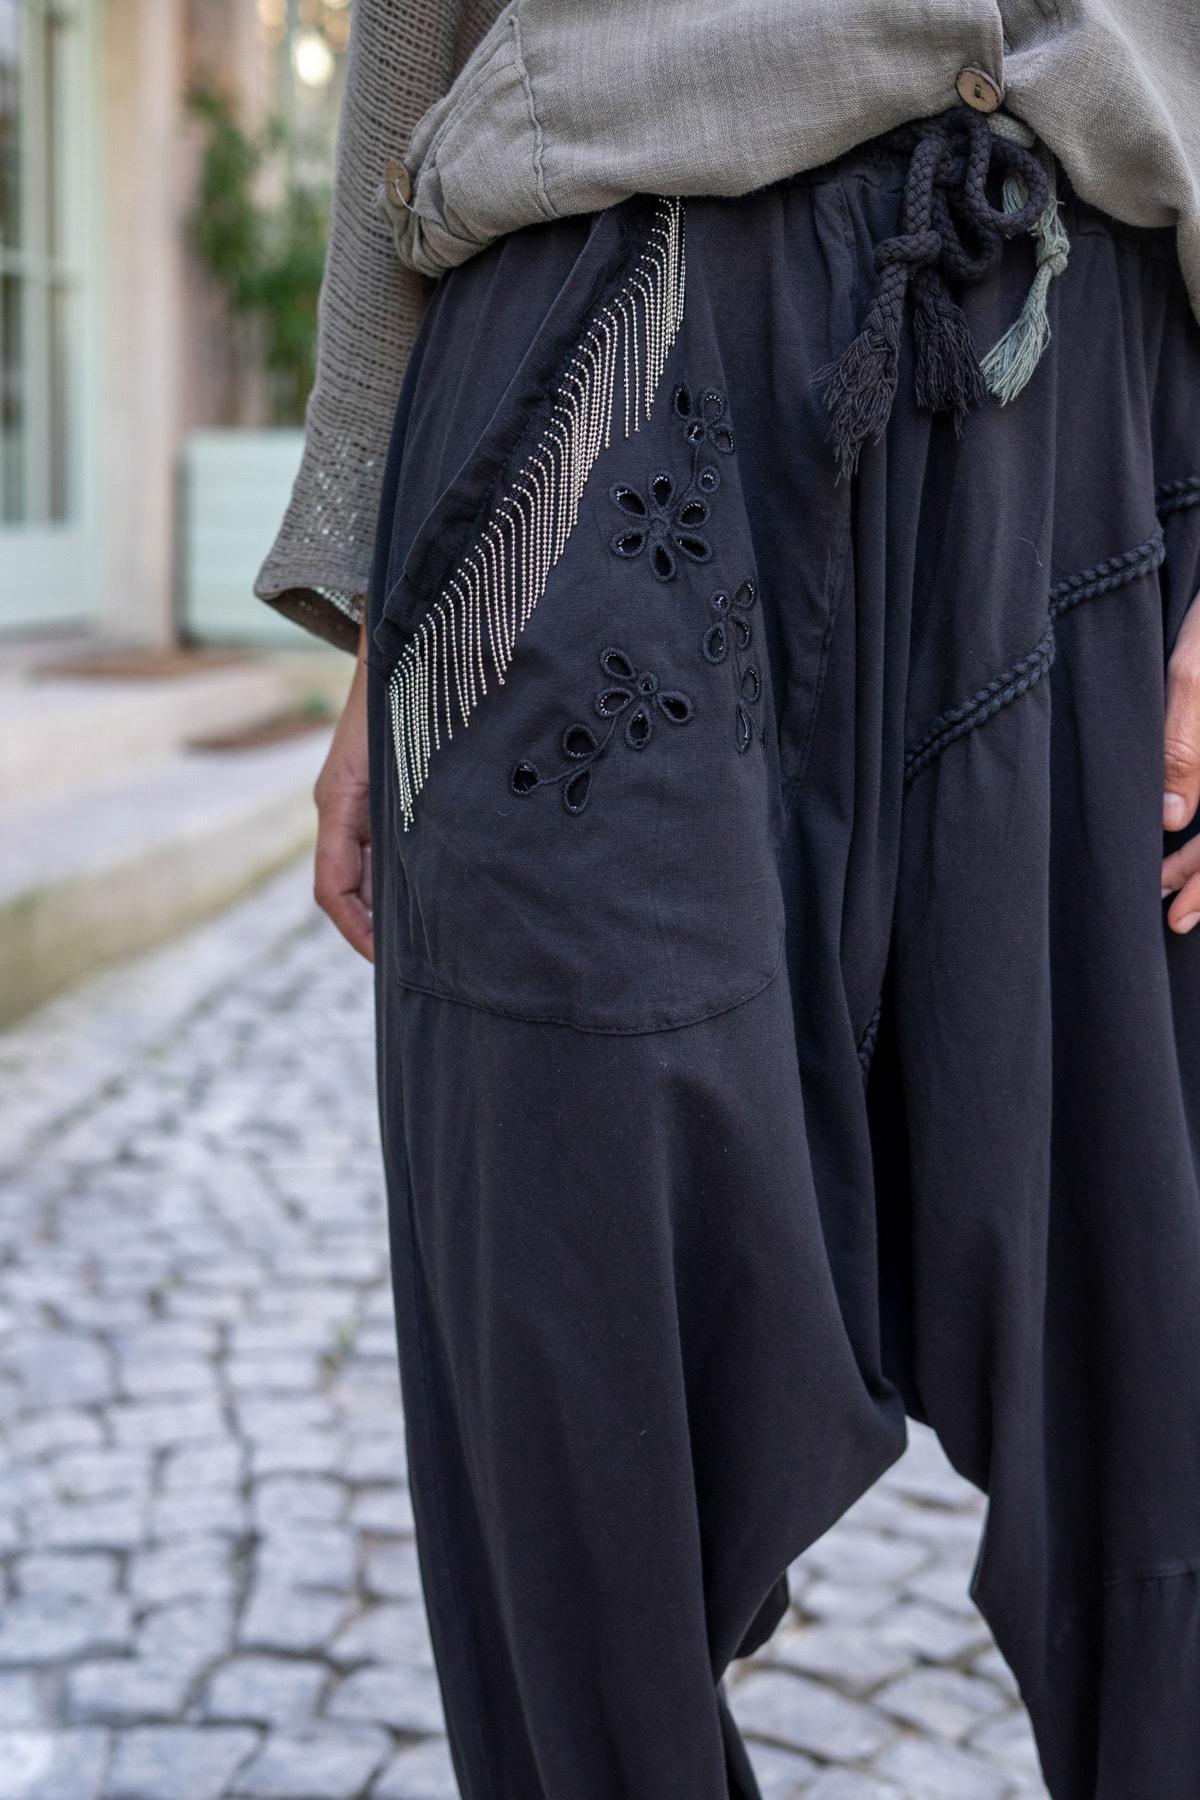 Güneşkızı Kadın Siyah Yıkamalı Zincir Detaylı Brode Detaylı Şalvar Pantolon GK-RSD2025 1